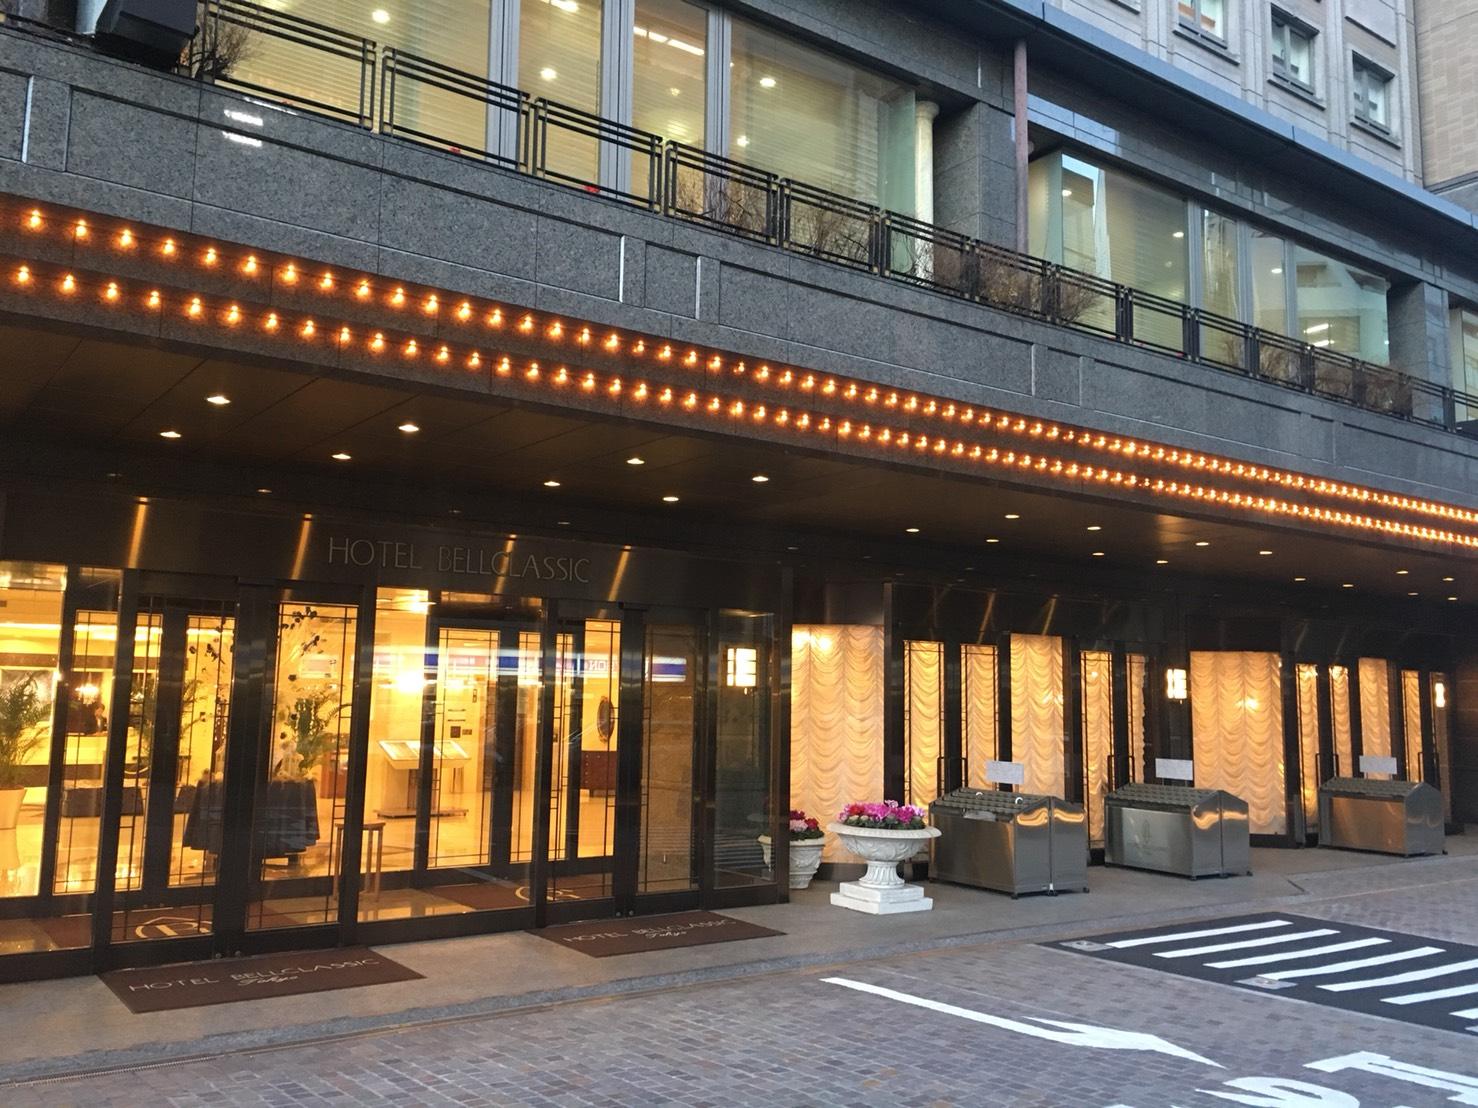 大塚駅南口のホテルベルクラシック東京2